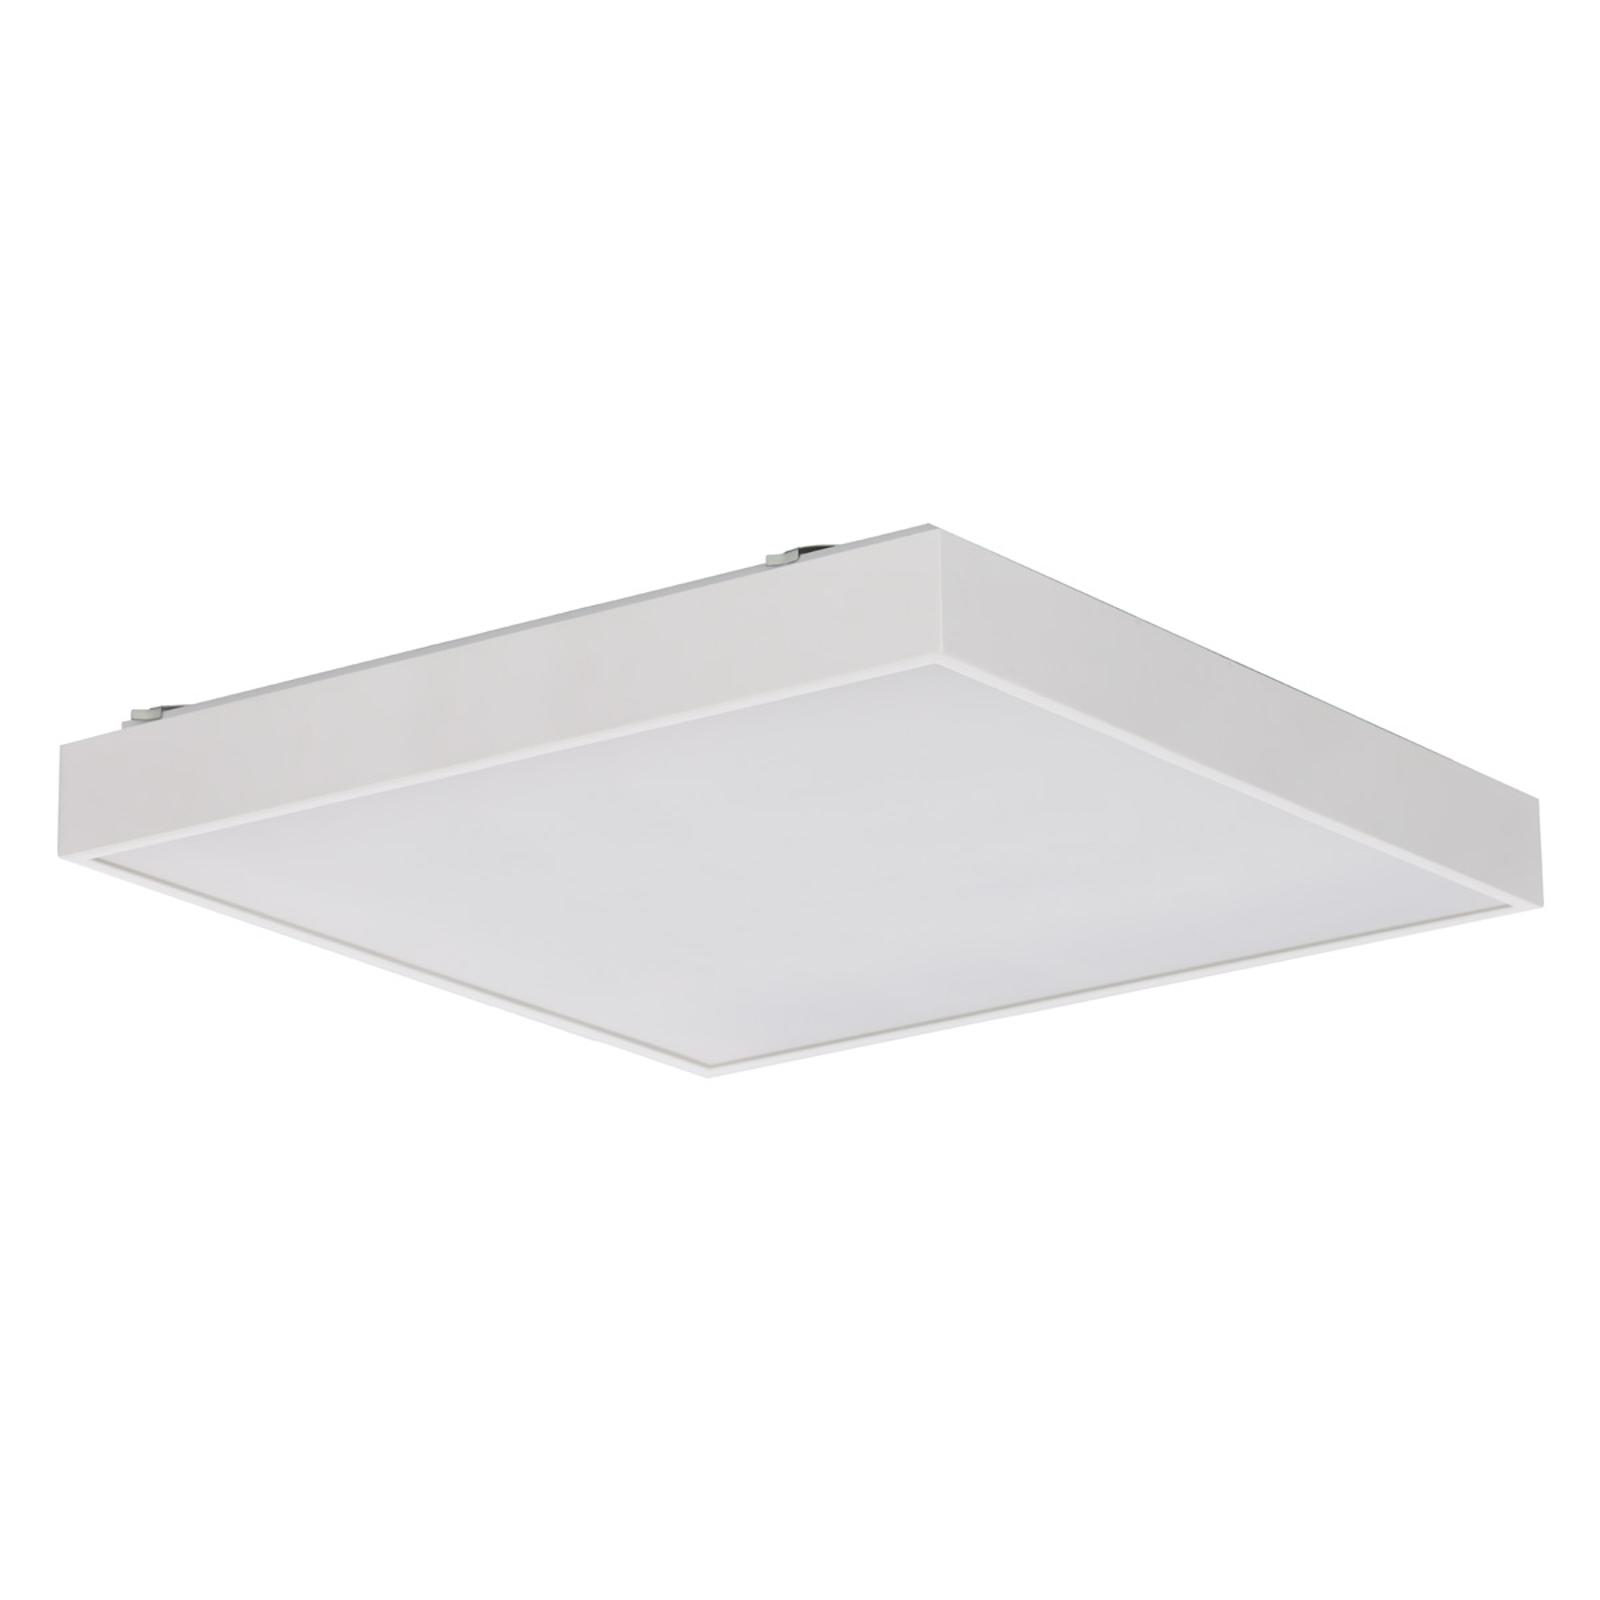 Energieffektiv Q6 LED-taklampe i hvitt EVG